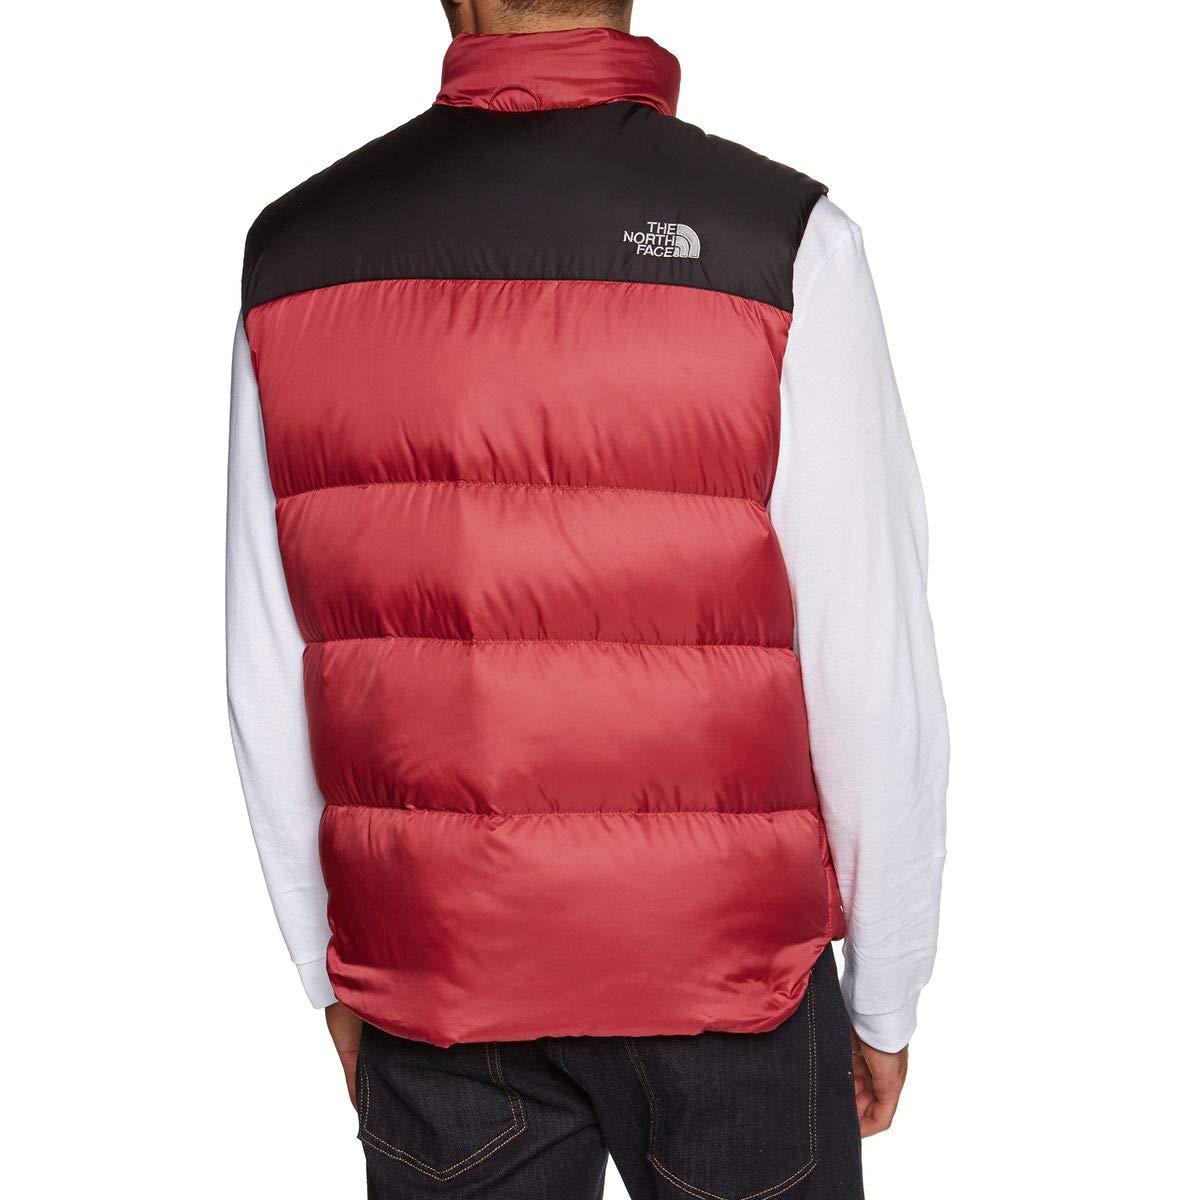 The North Face Men s Nuptse III Vest - Rage Red TNF Black 450e5fa9a